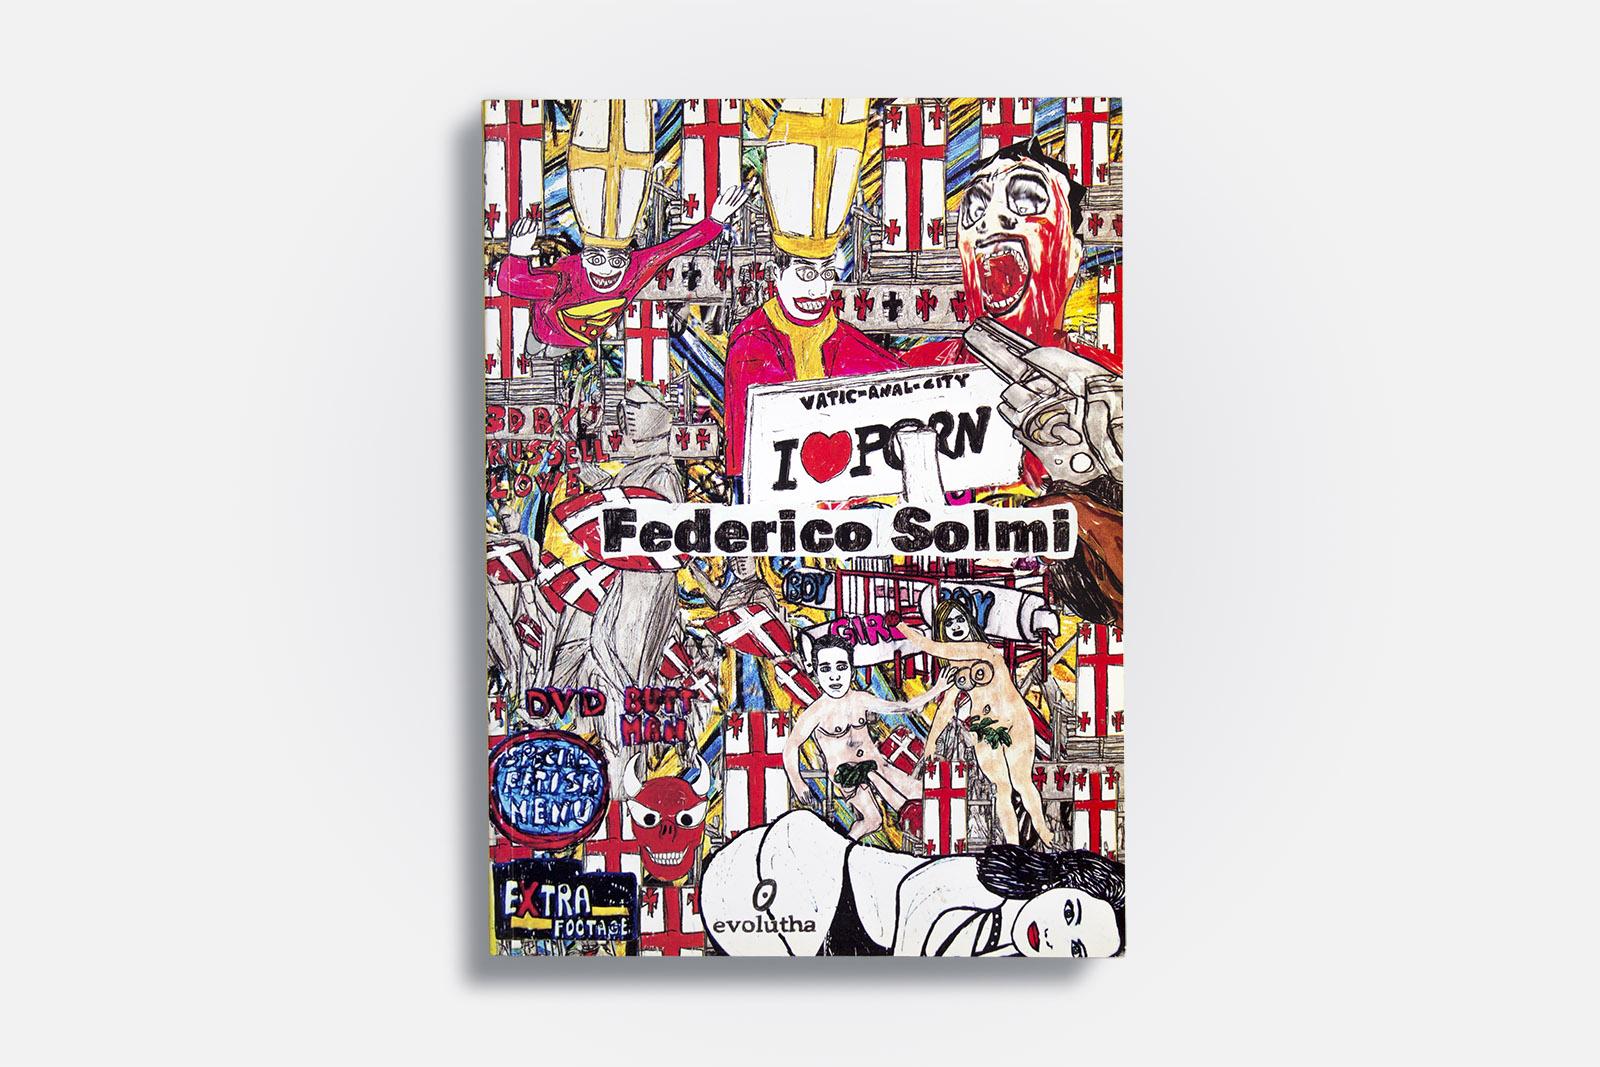 FEDERICO SOLMI - EVOLUTHA